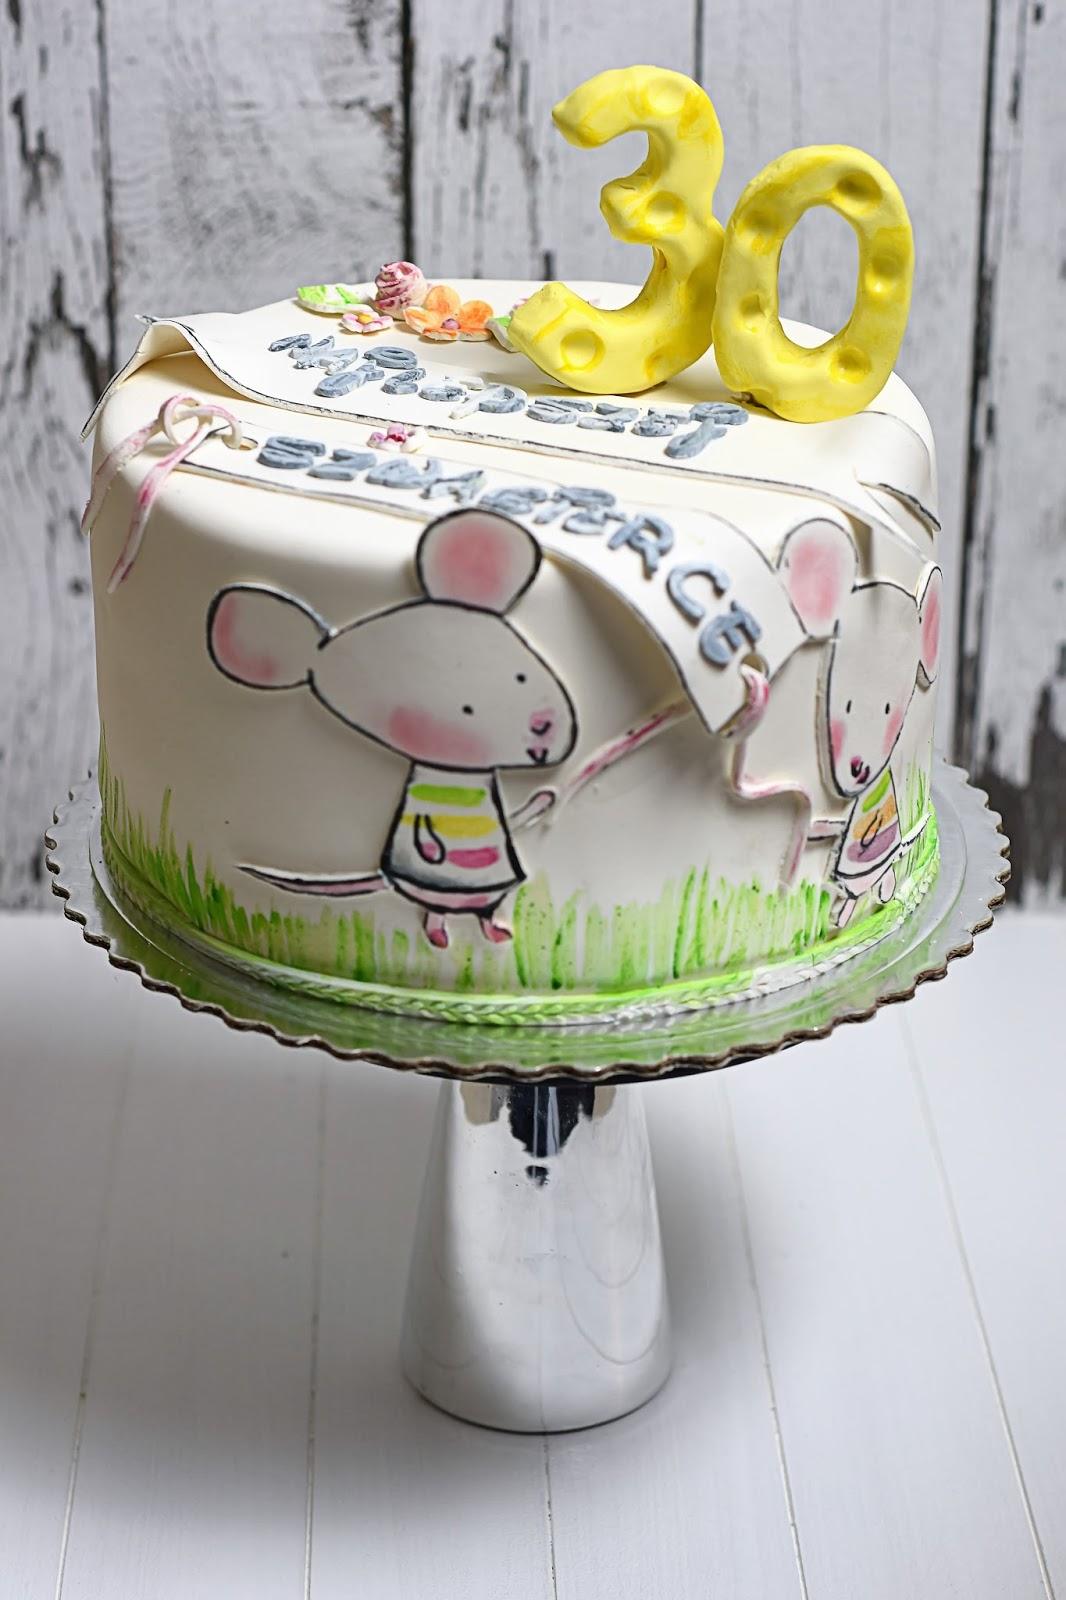 Tort Urodzinowy Z Myszkami Kulinaria Zblogowani